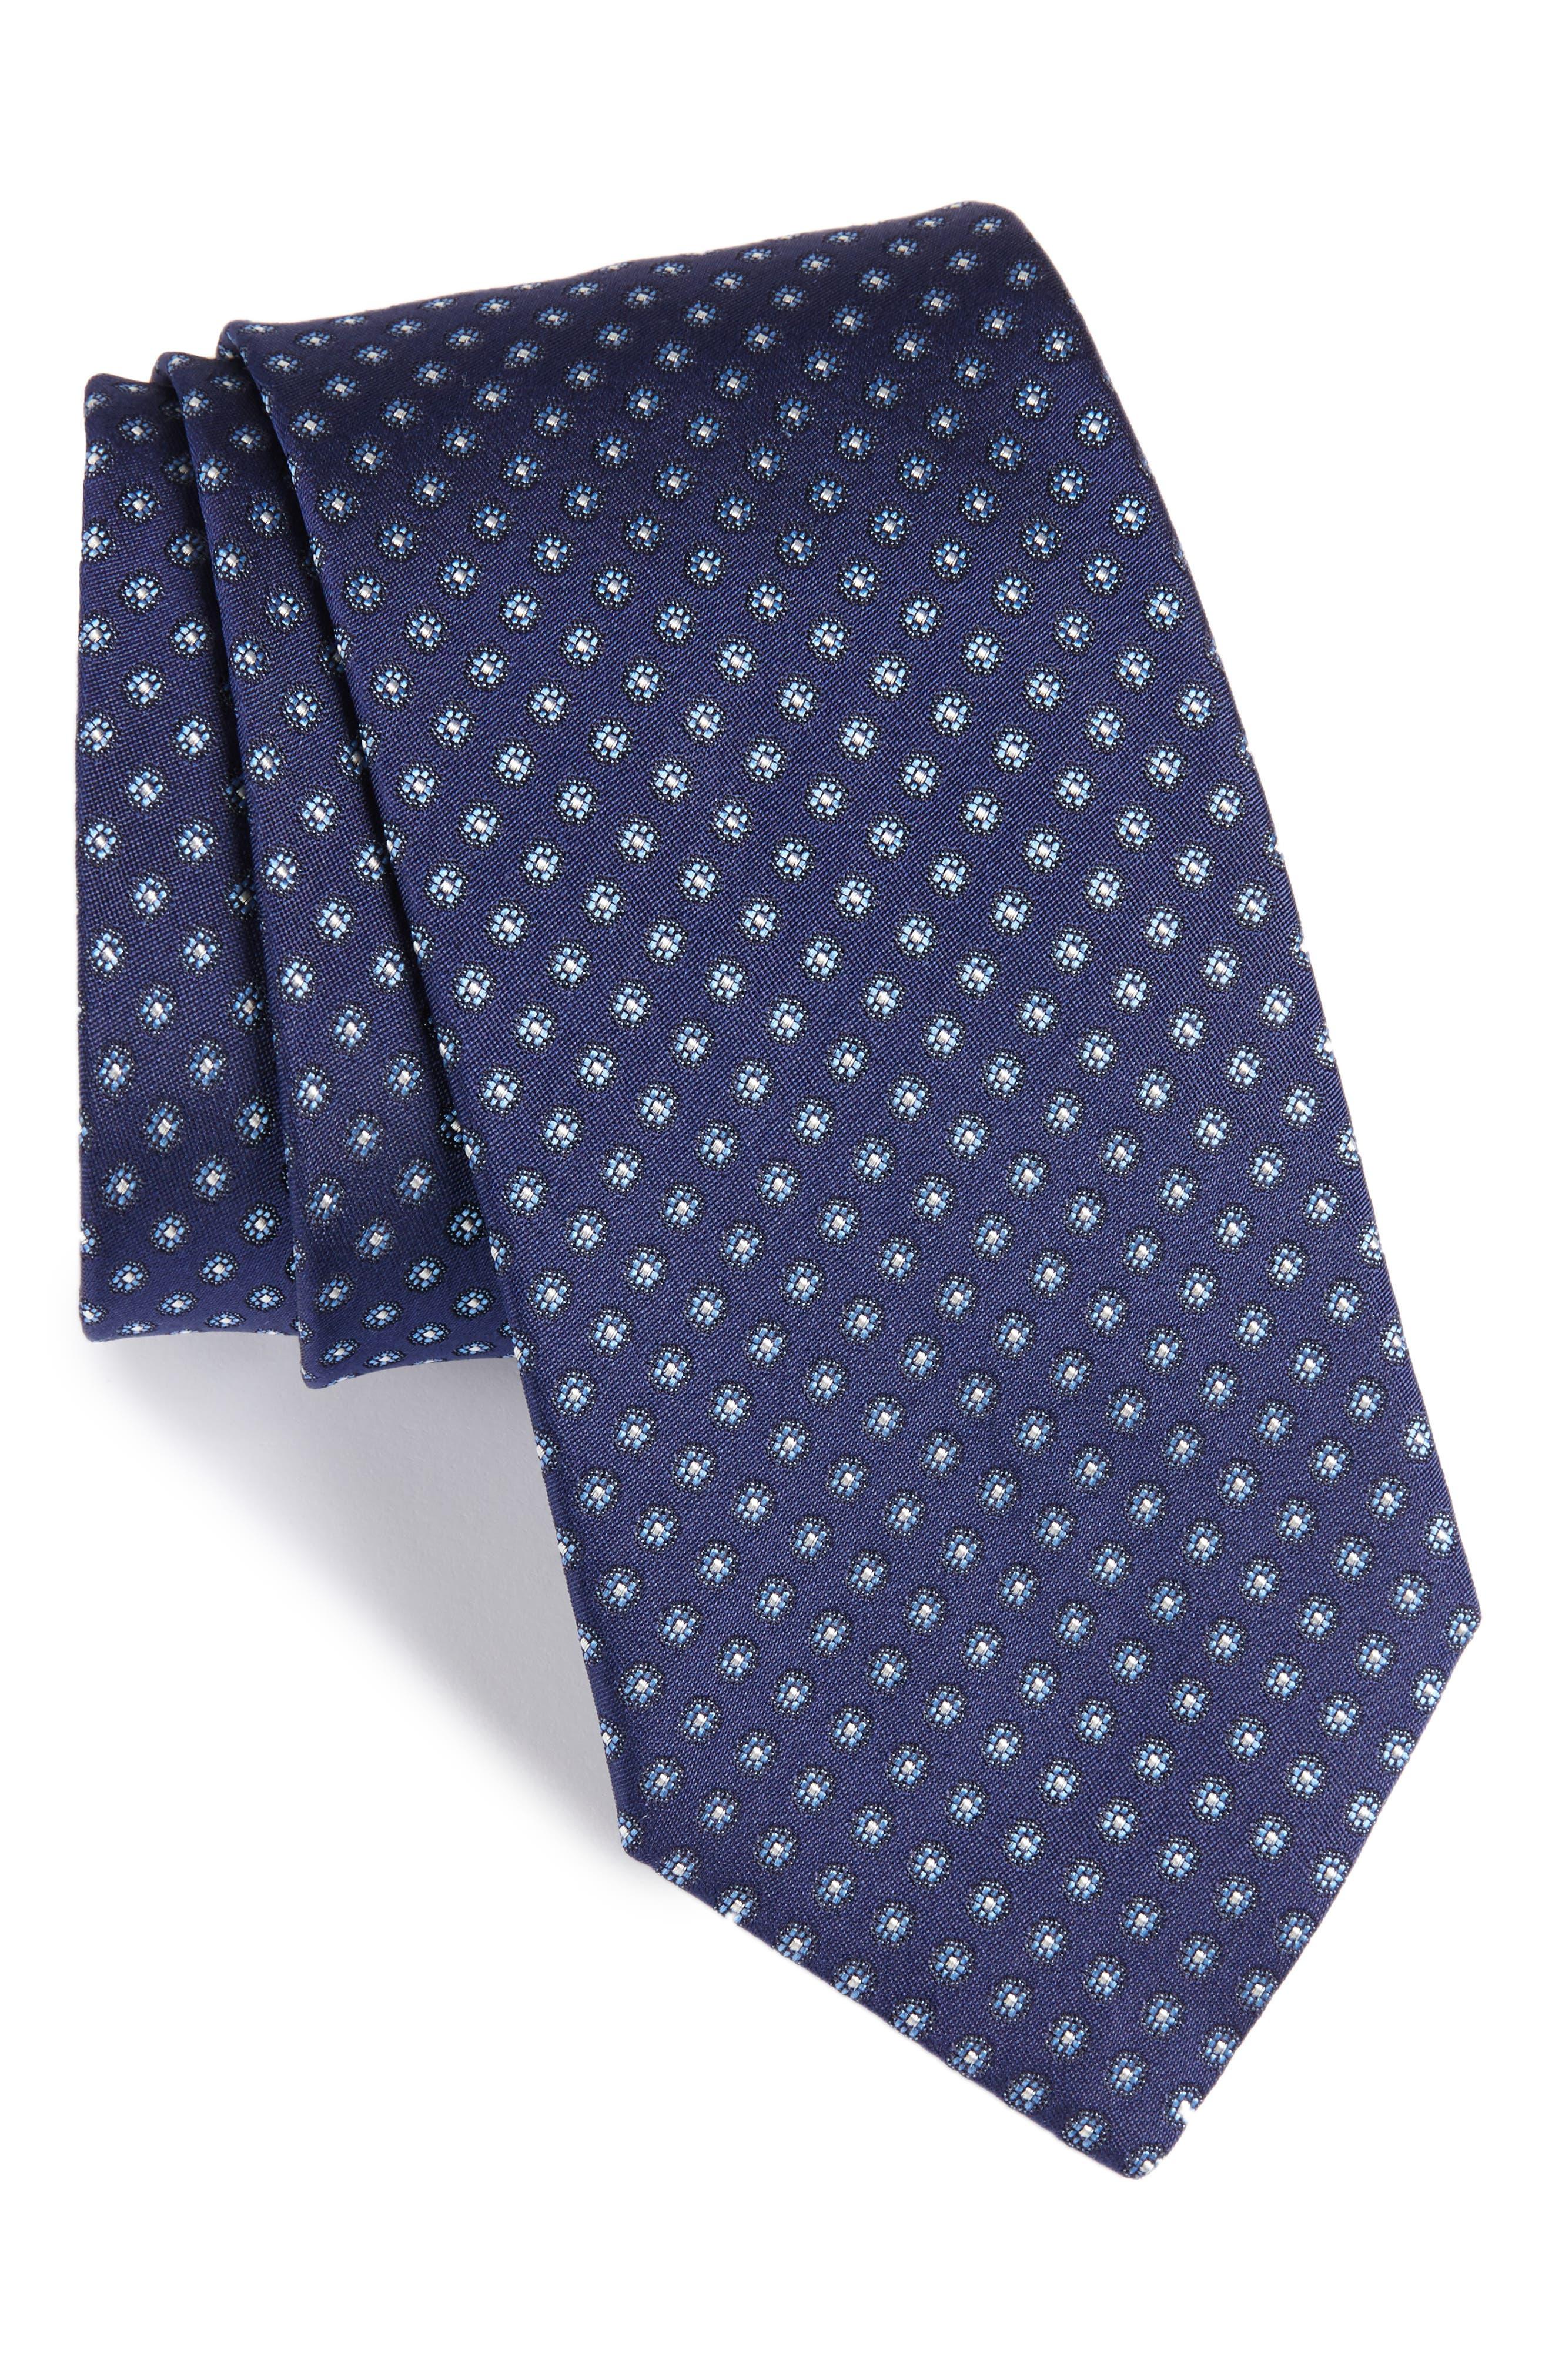 Floral Silk Tie,                         Main,                         color, NAVY/ GREY